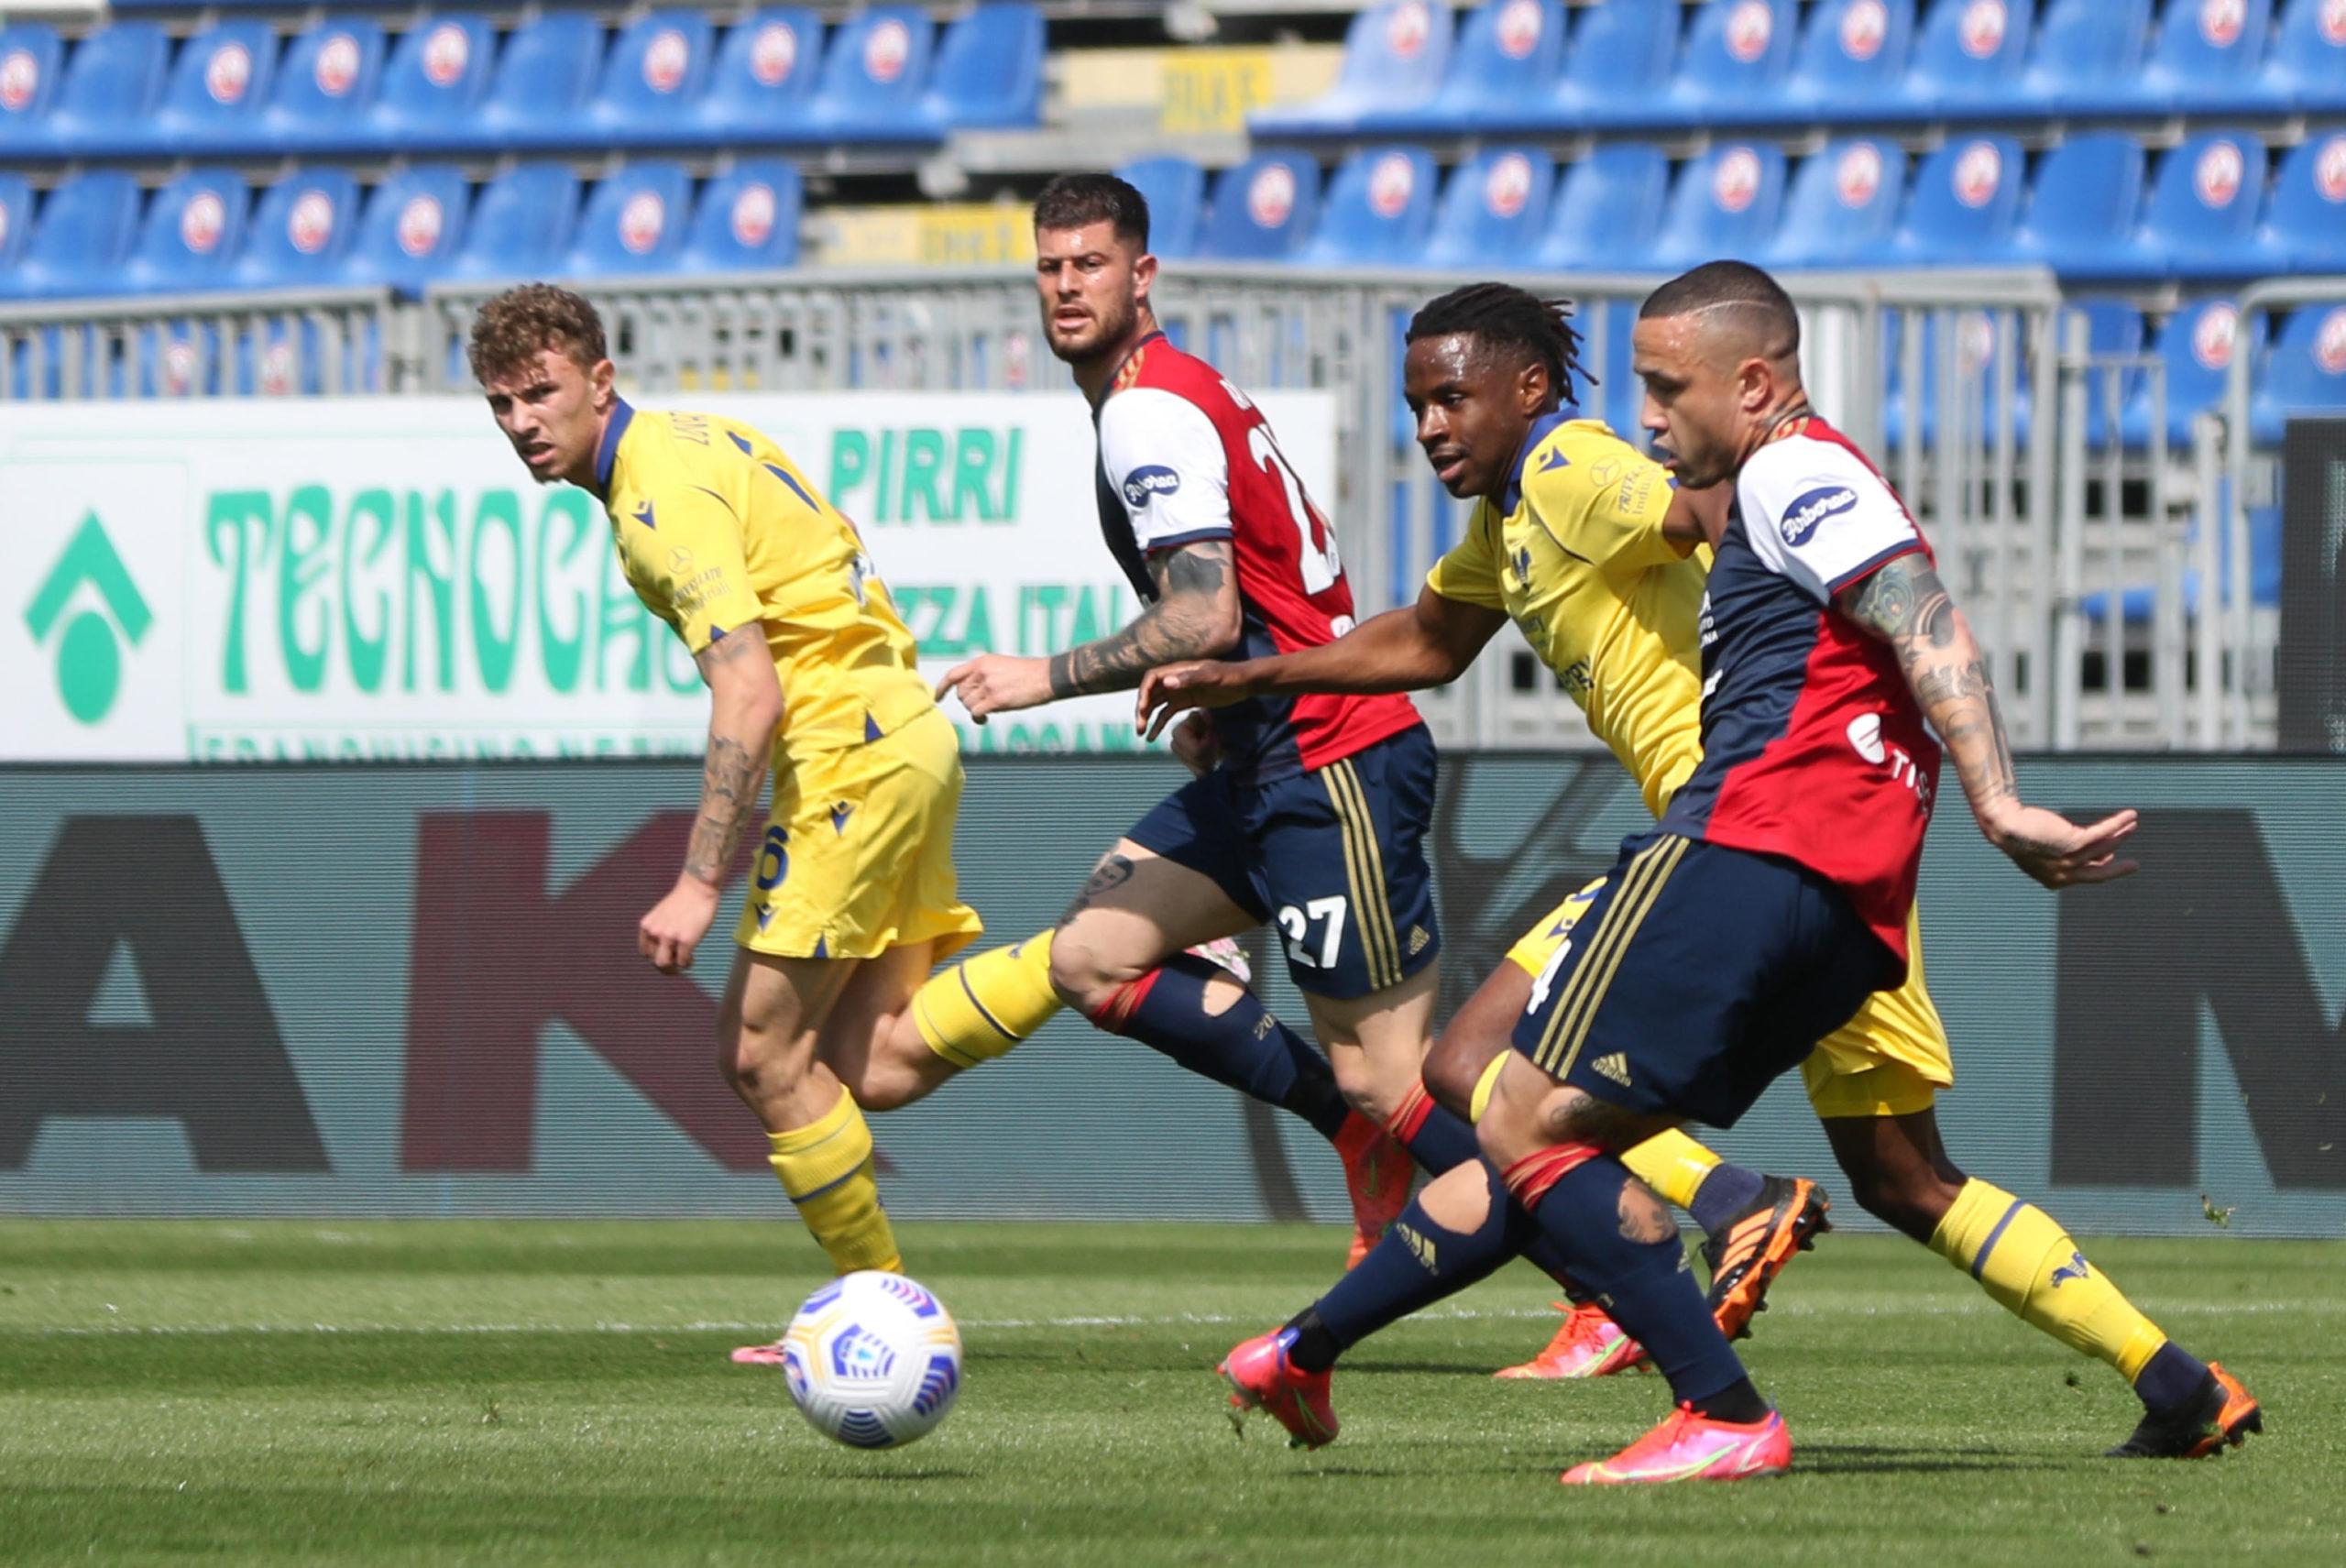 Radja Nainggolan in action for Cagliari against Verona